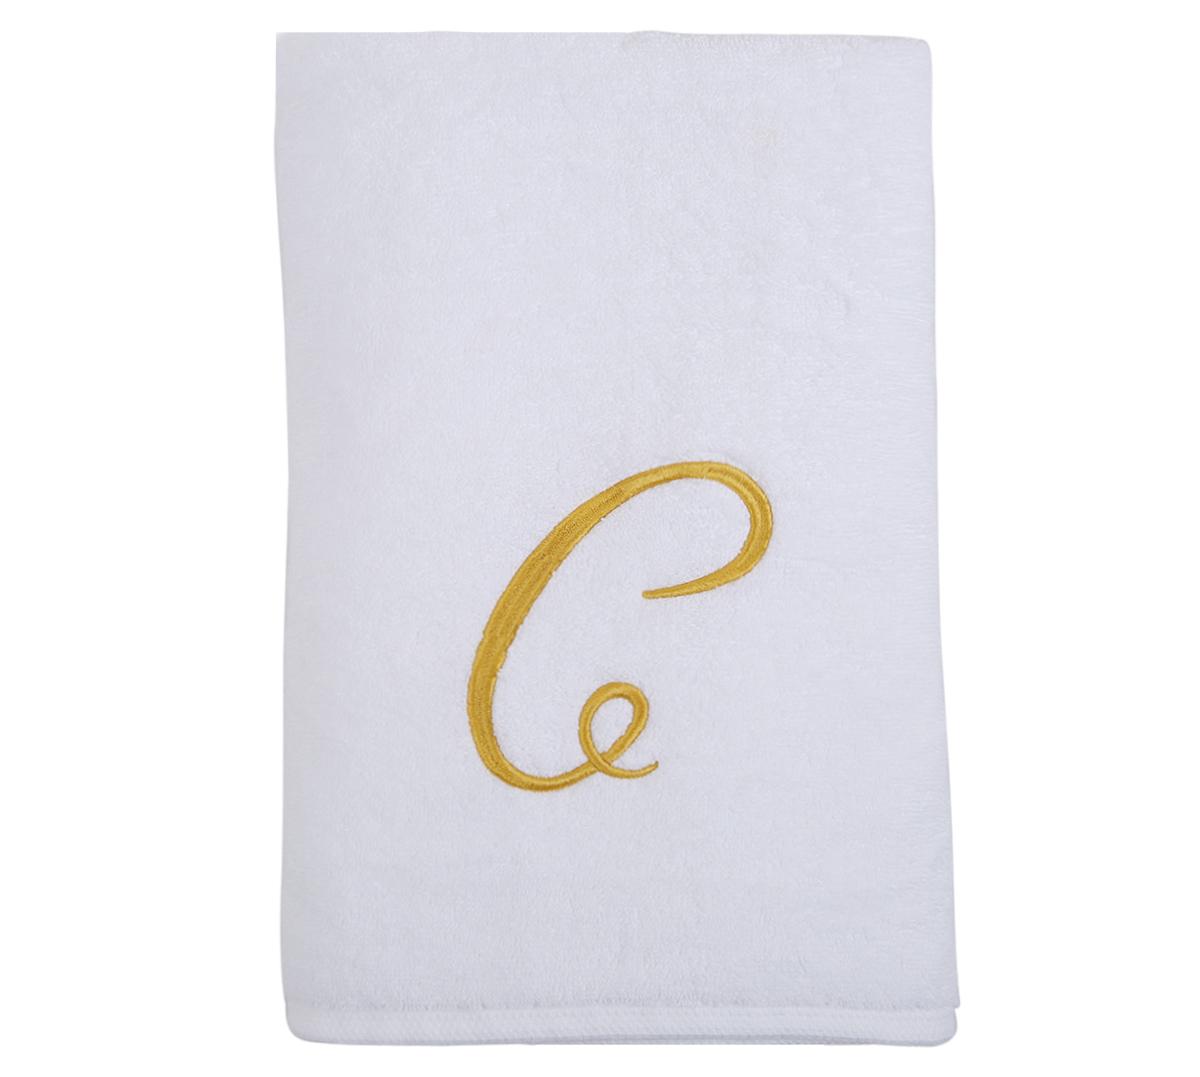 Alphabet Bath Towel 70x140cm Letter C